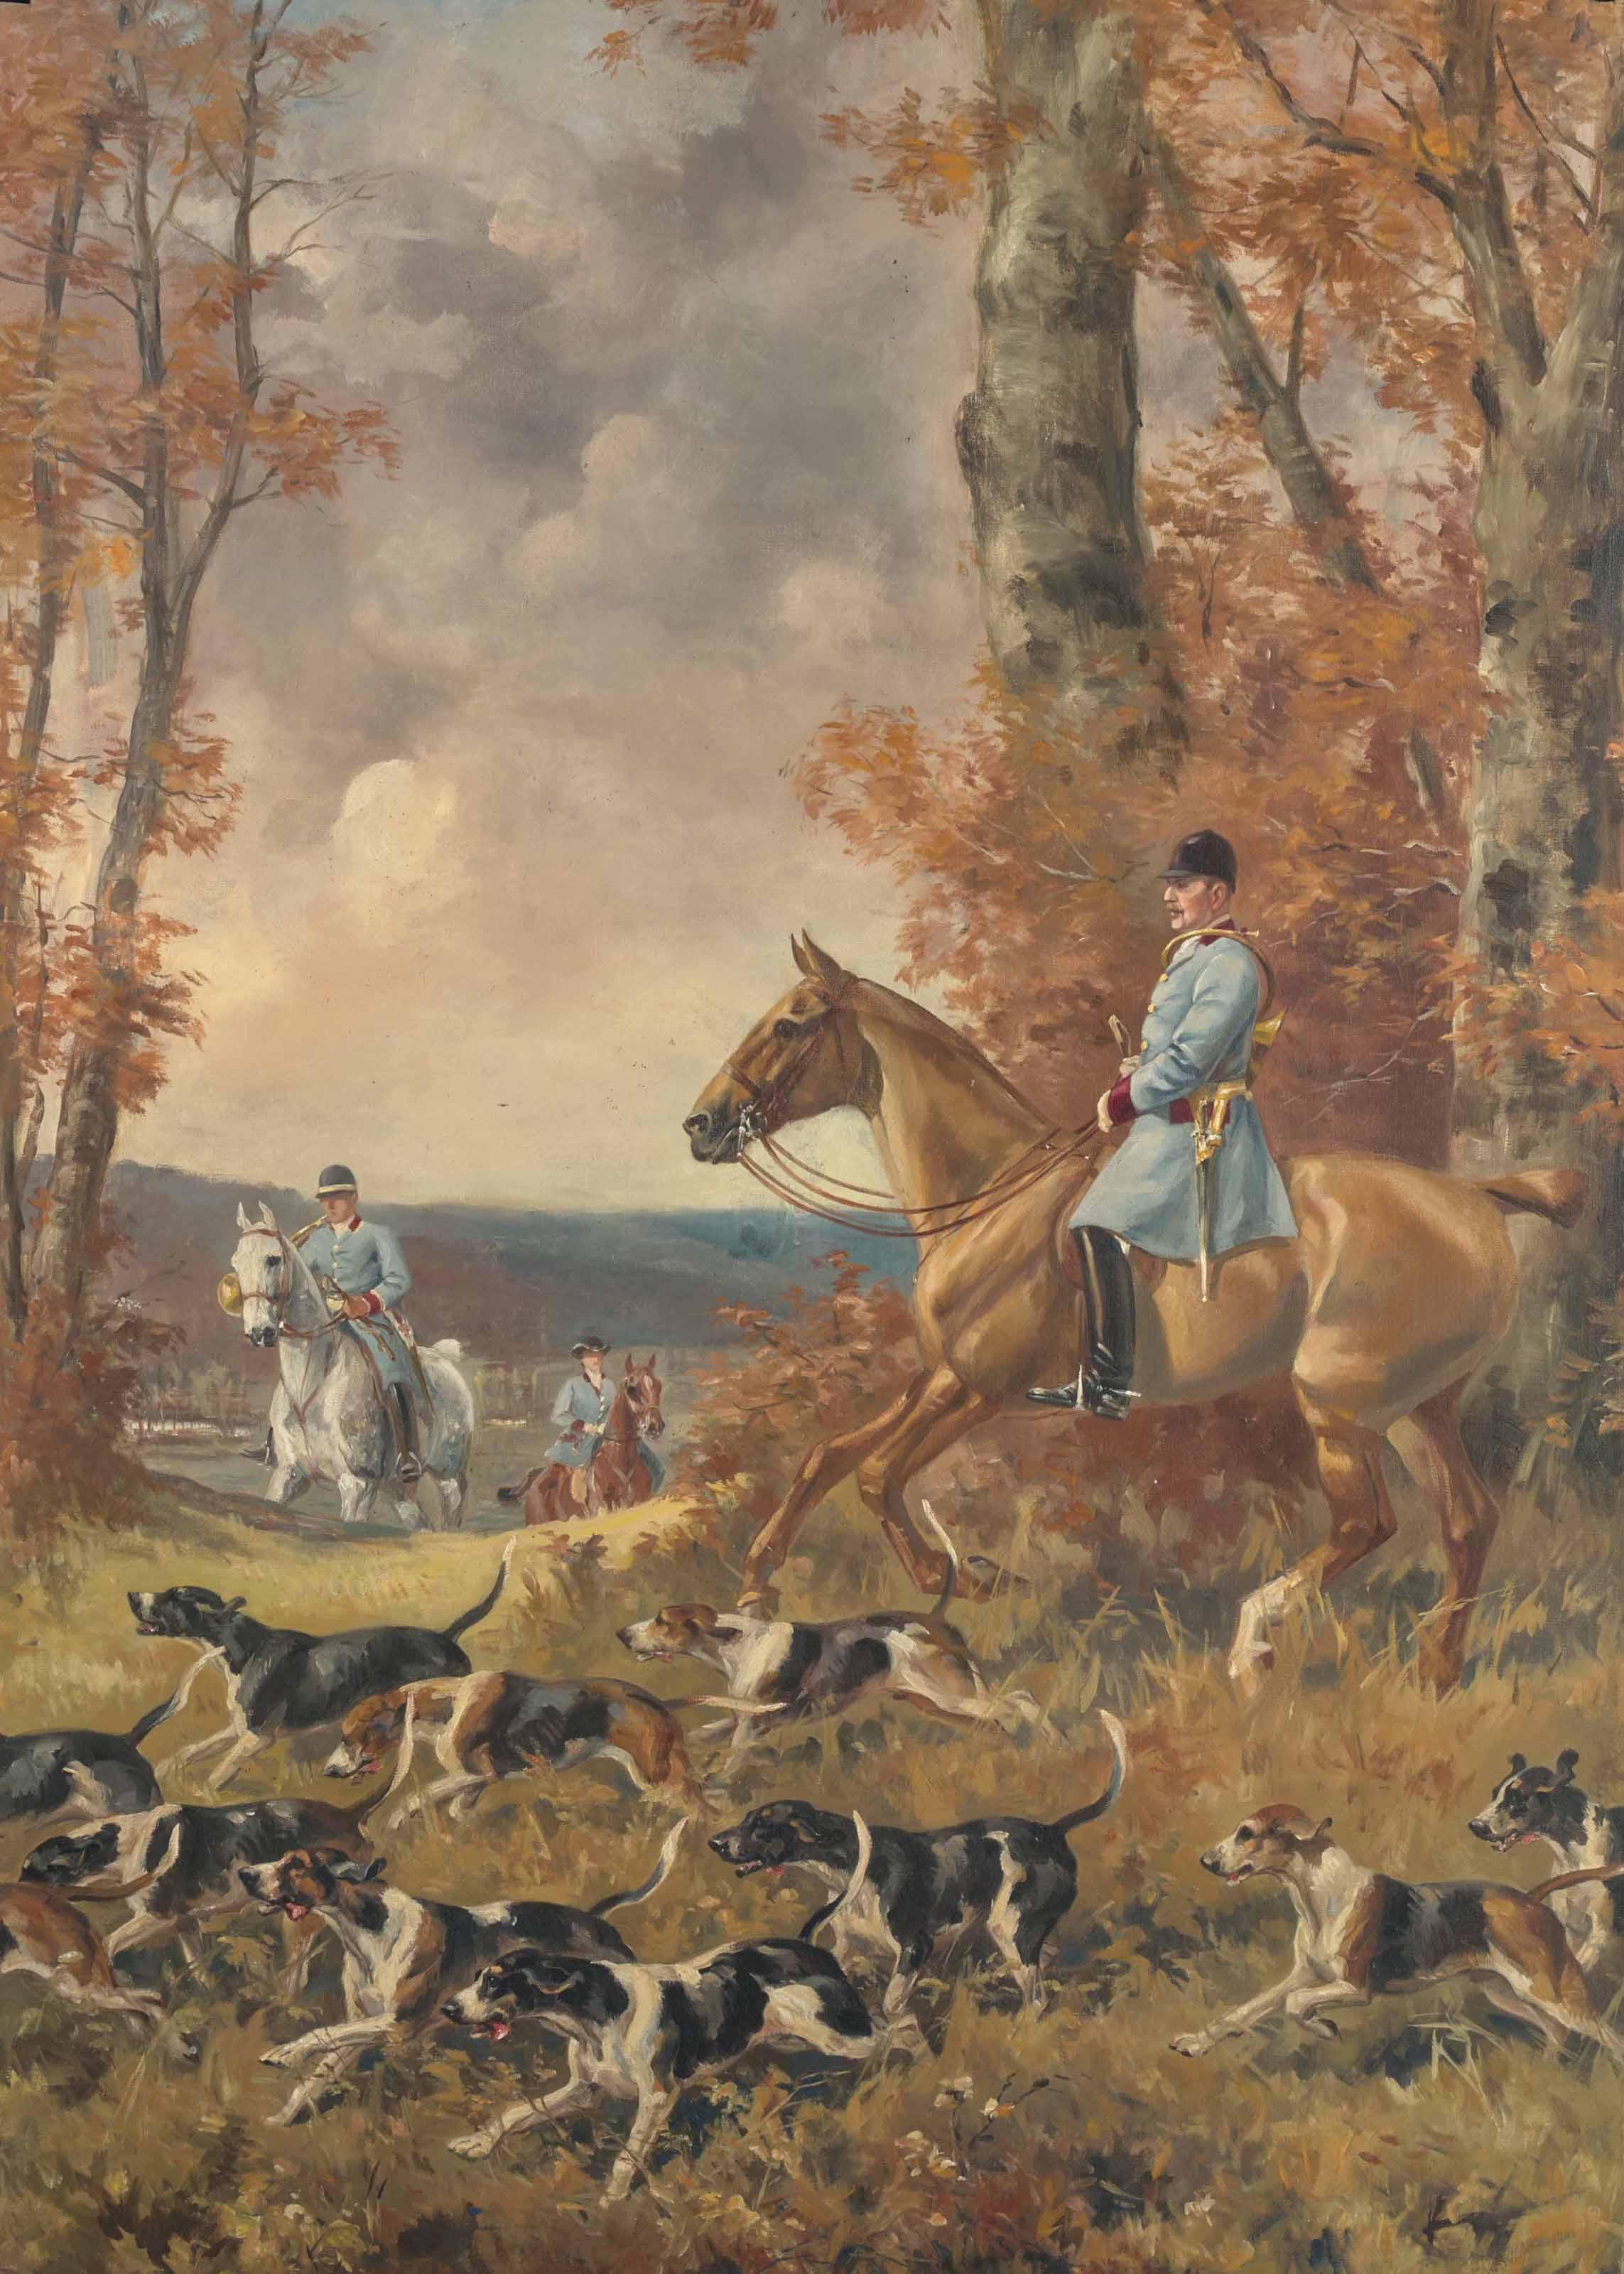 Scène de chasse à courre, avec le prince Murat au premier plan, en tenue de chasse, entouré de sa meute, avec deux cavaliers à l'arrière-plan